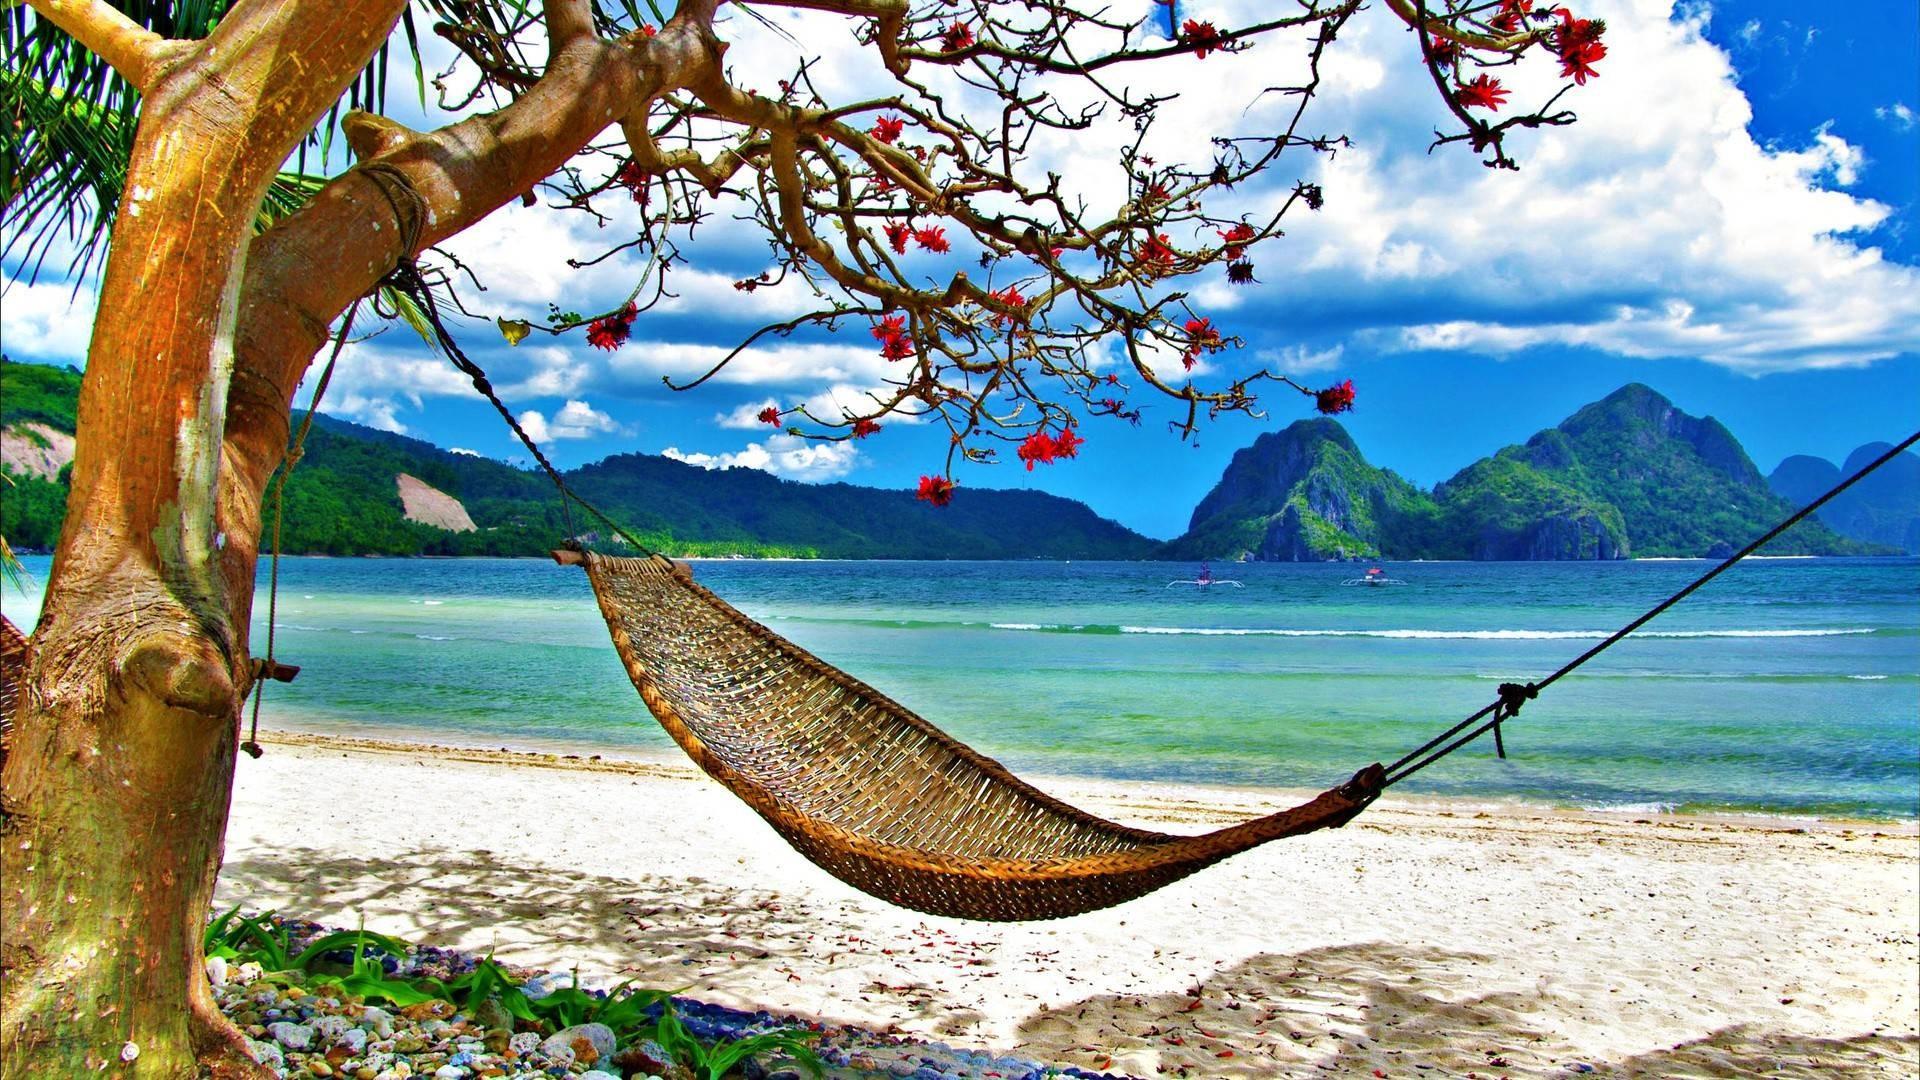 beach wallpaper widescreen high resolution 60 images